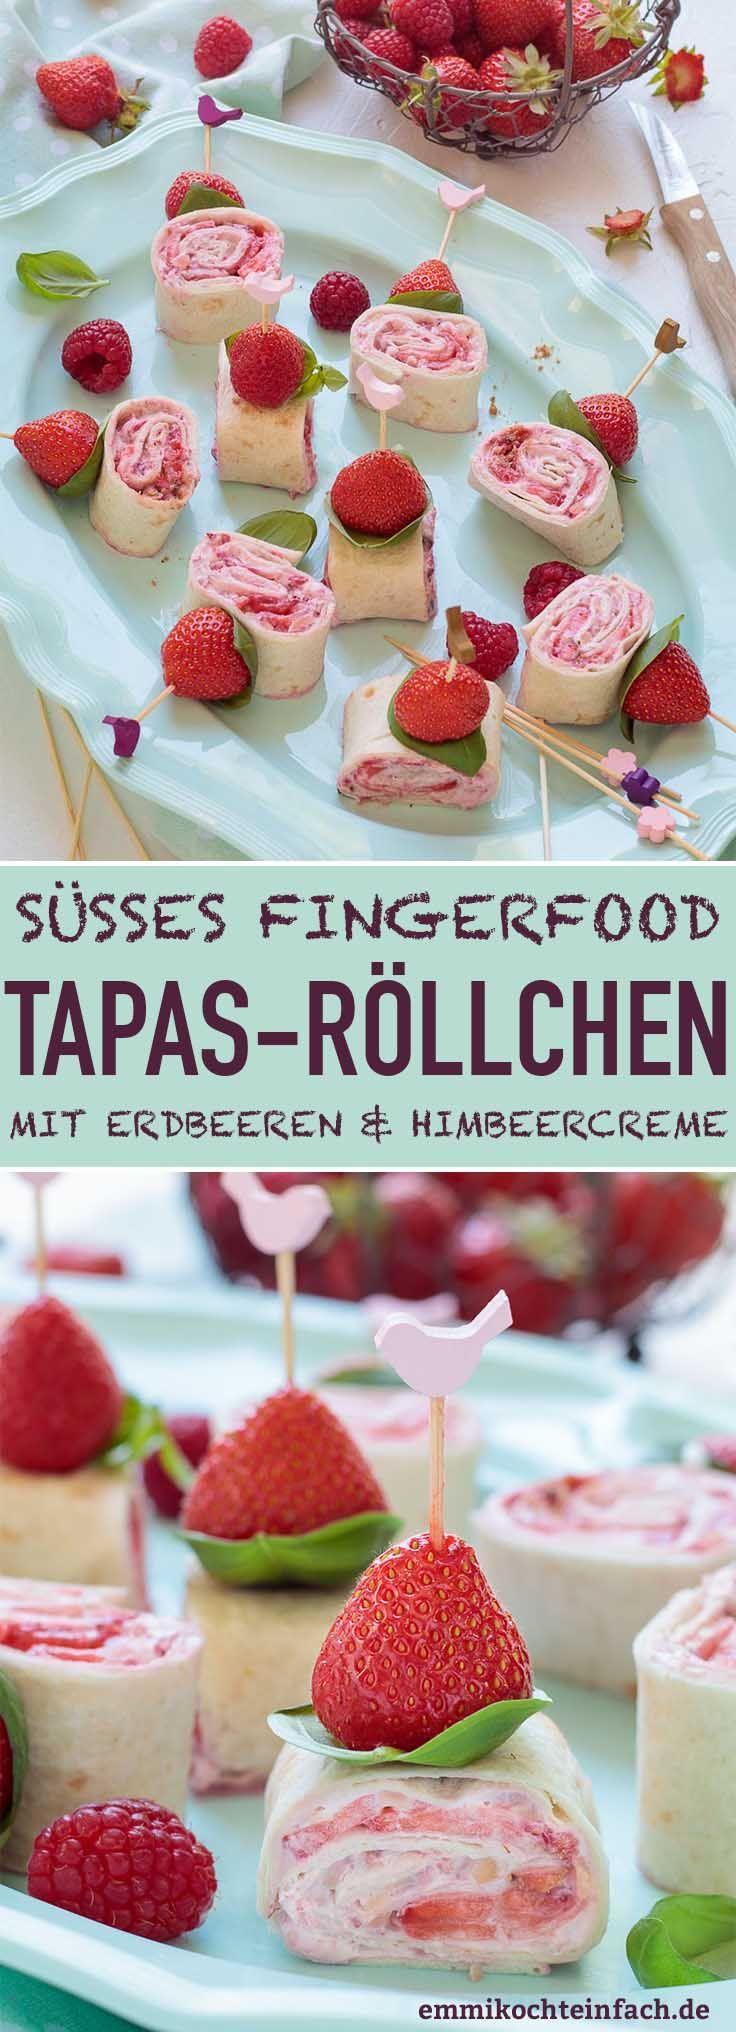 Süße Tapas Röllchen mit Erdbeeren & Himbeercreme - emmikochteinfach